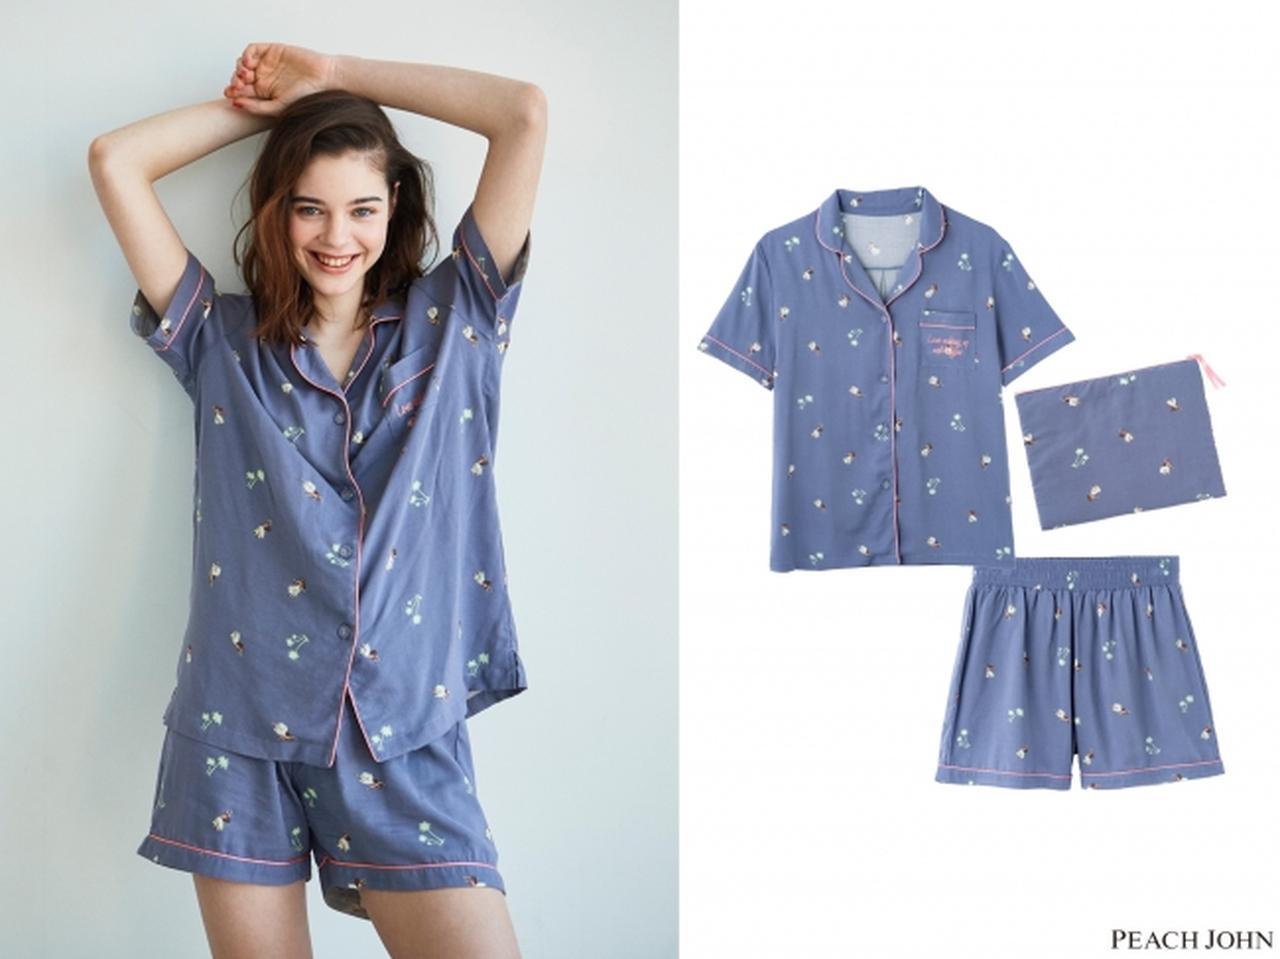 画像1: 人気のシャツパジャマも春夏気分に♡